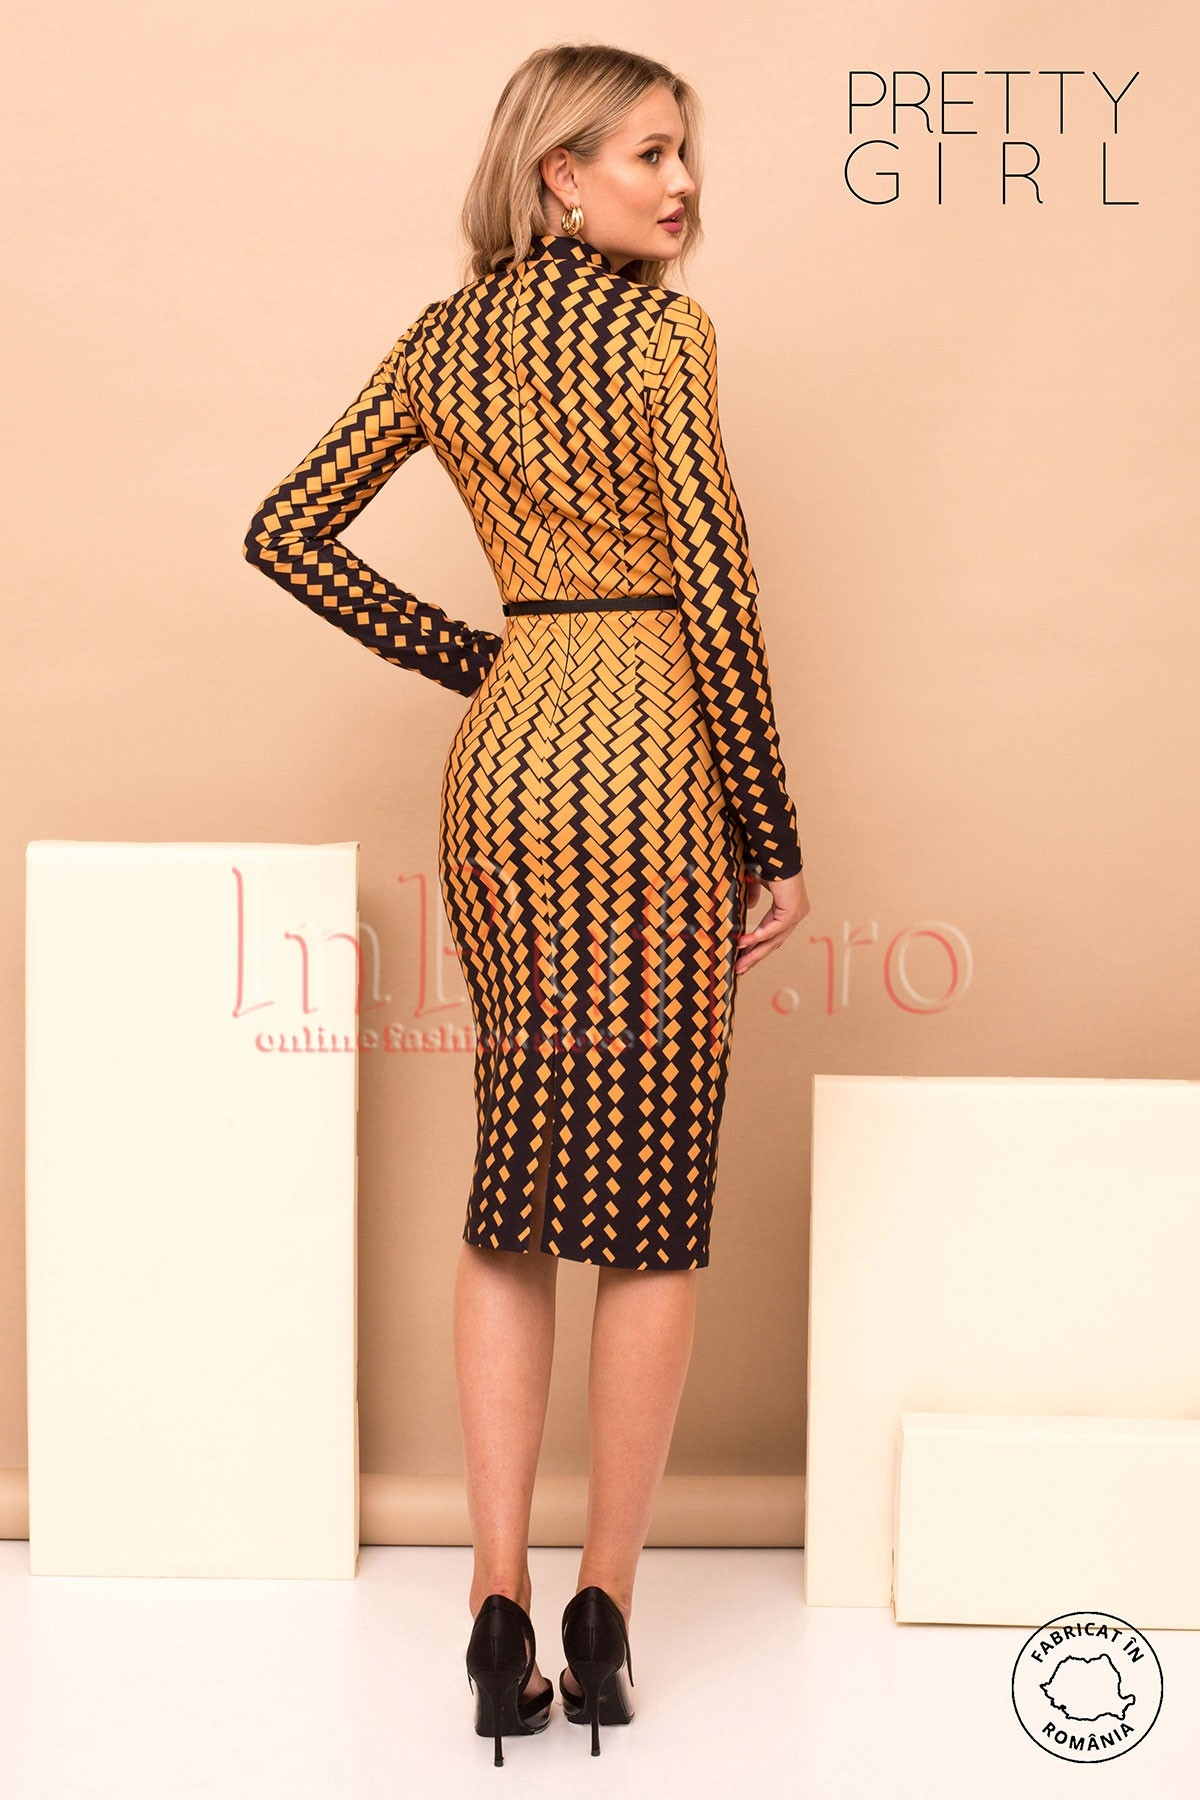 Rochie Pretty Girl cu imprimeu geometric in nuante de mustar office midi conica cu maneca lunga